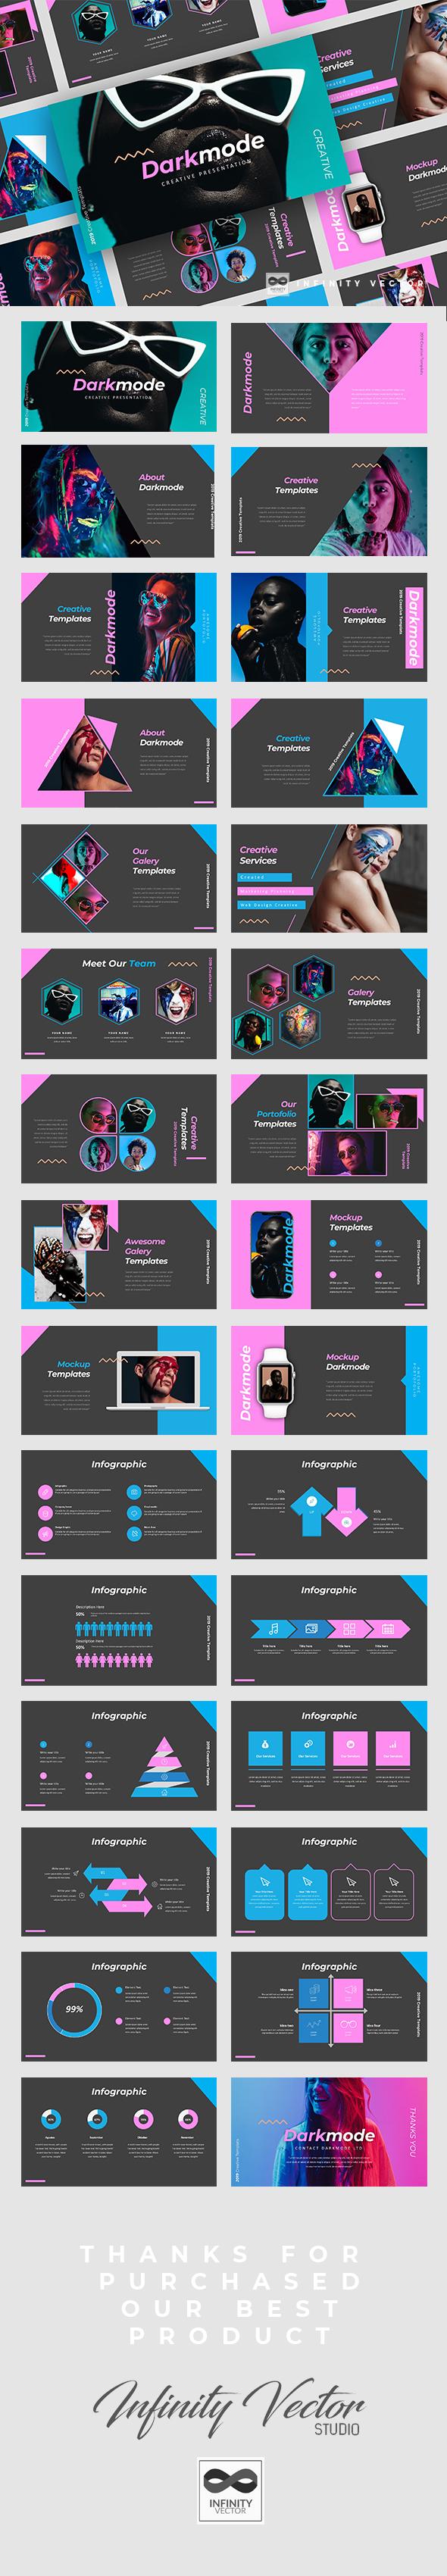 Darkmode Creative Google Slides